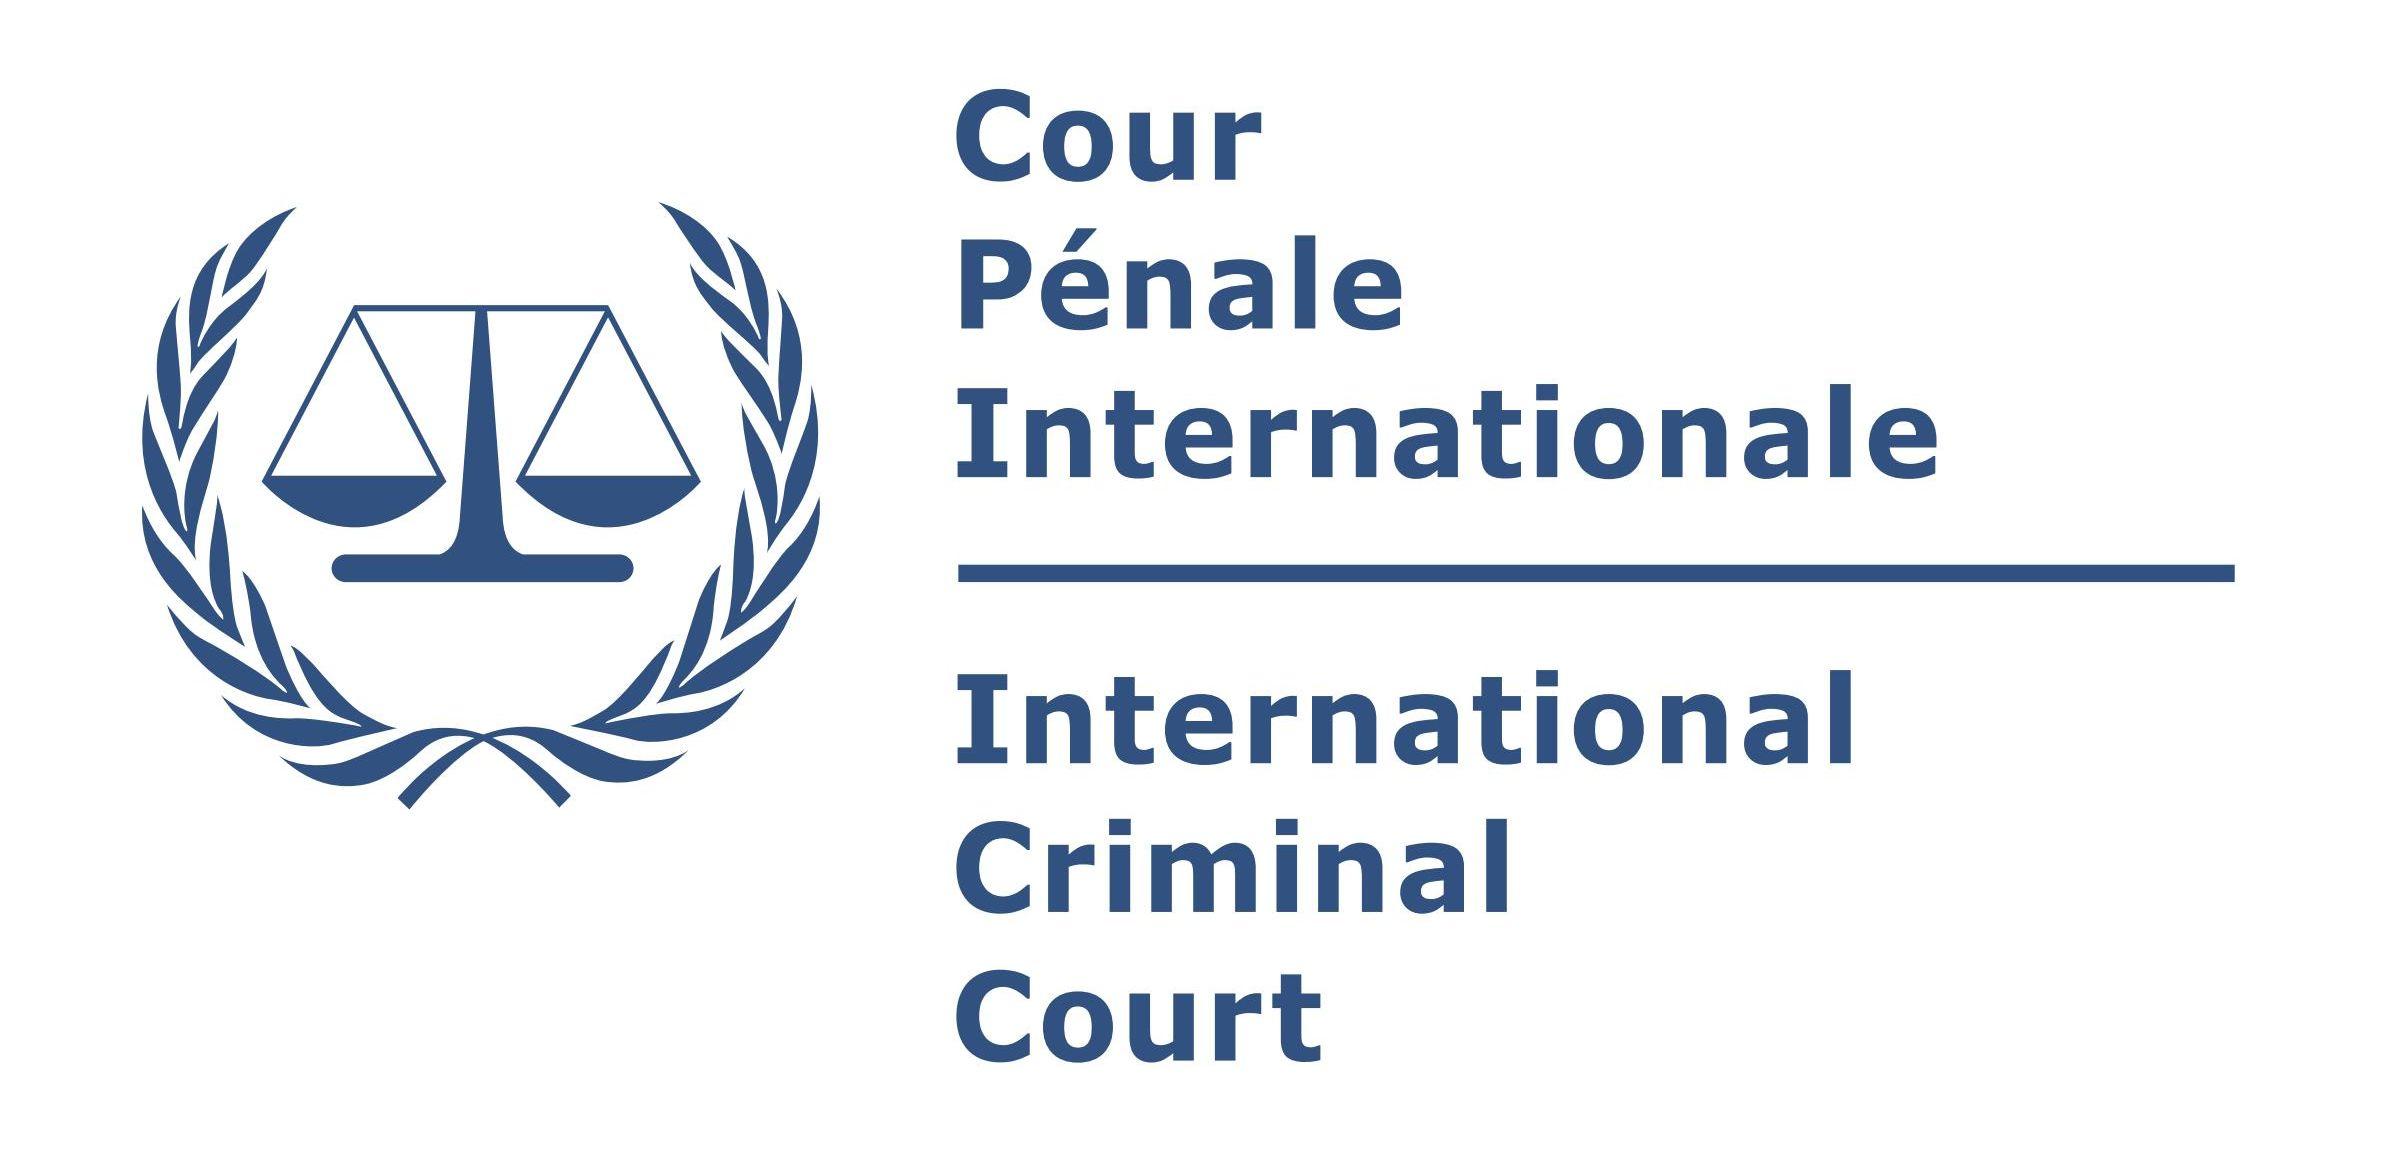 """La CPI: El caso de la flotilla ha sido cerrado, los asentamientos y la """"Margen Protector"""" permanecen aún bajo escrutinio – Por Pnina Sharvit Baruch y Lior Zur (INSS)"""